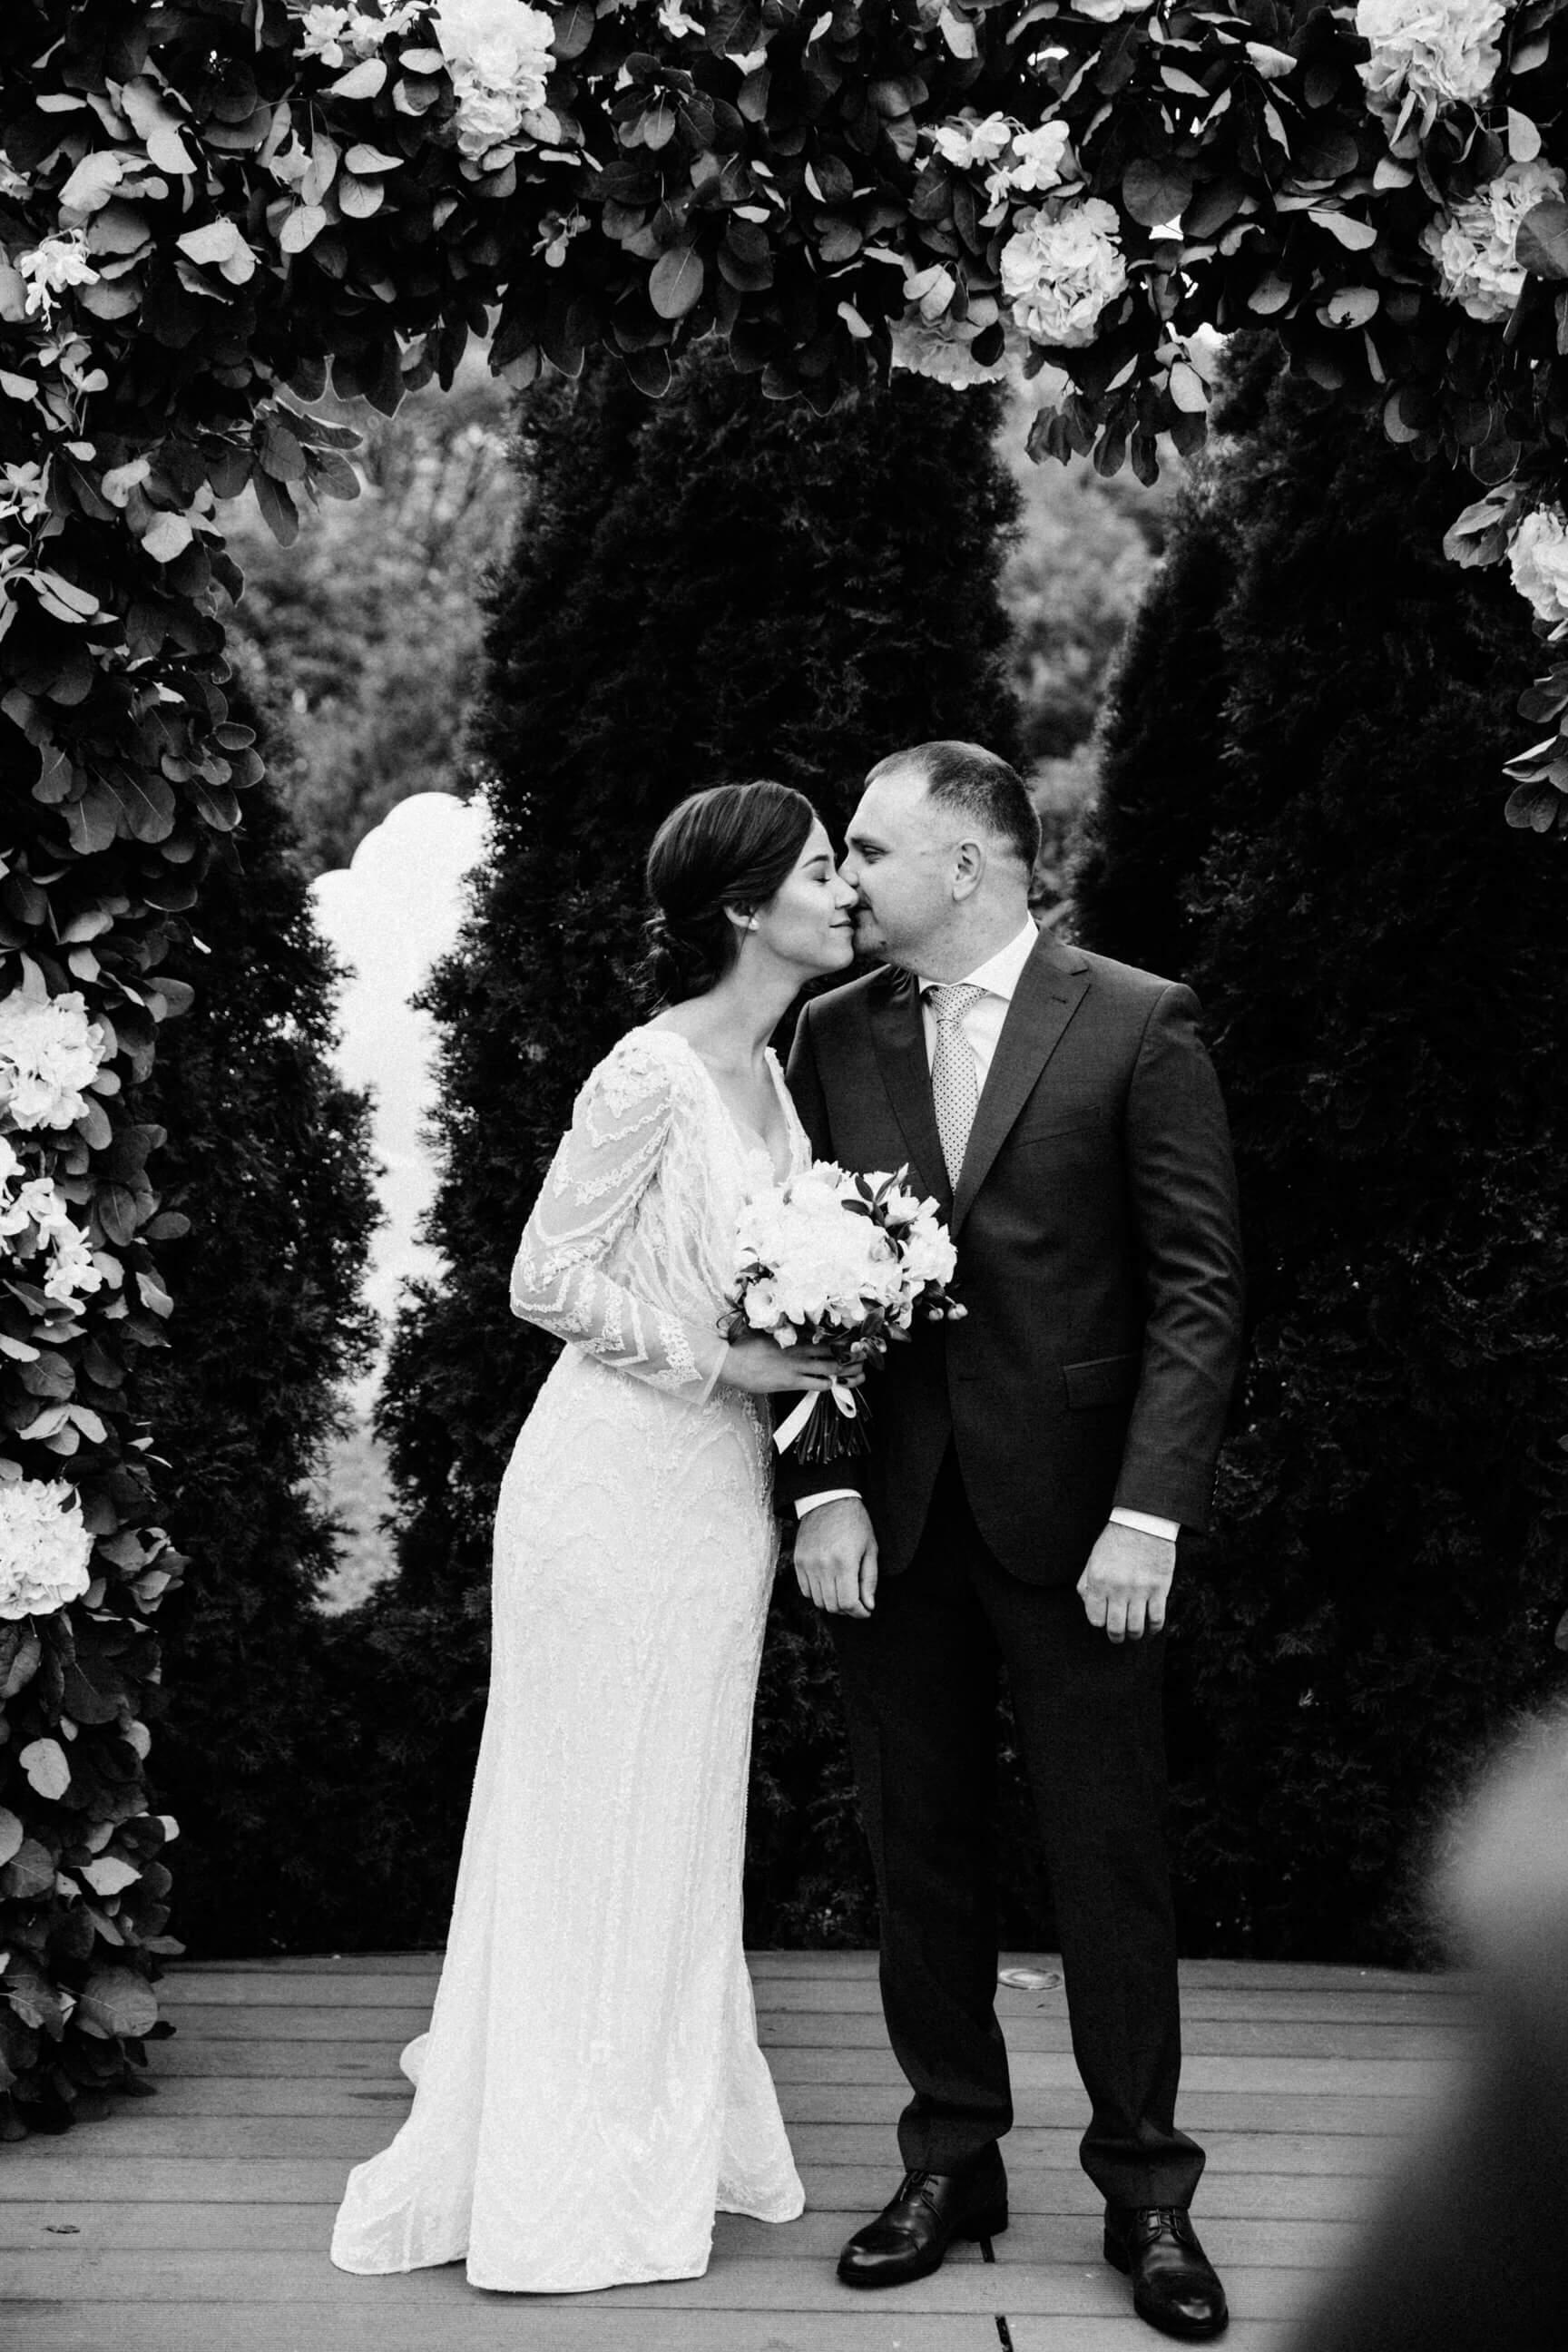 Rita & Vadim - wedding / chisinau, moldova